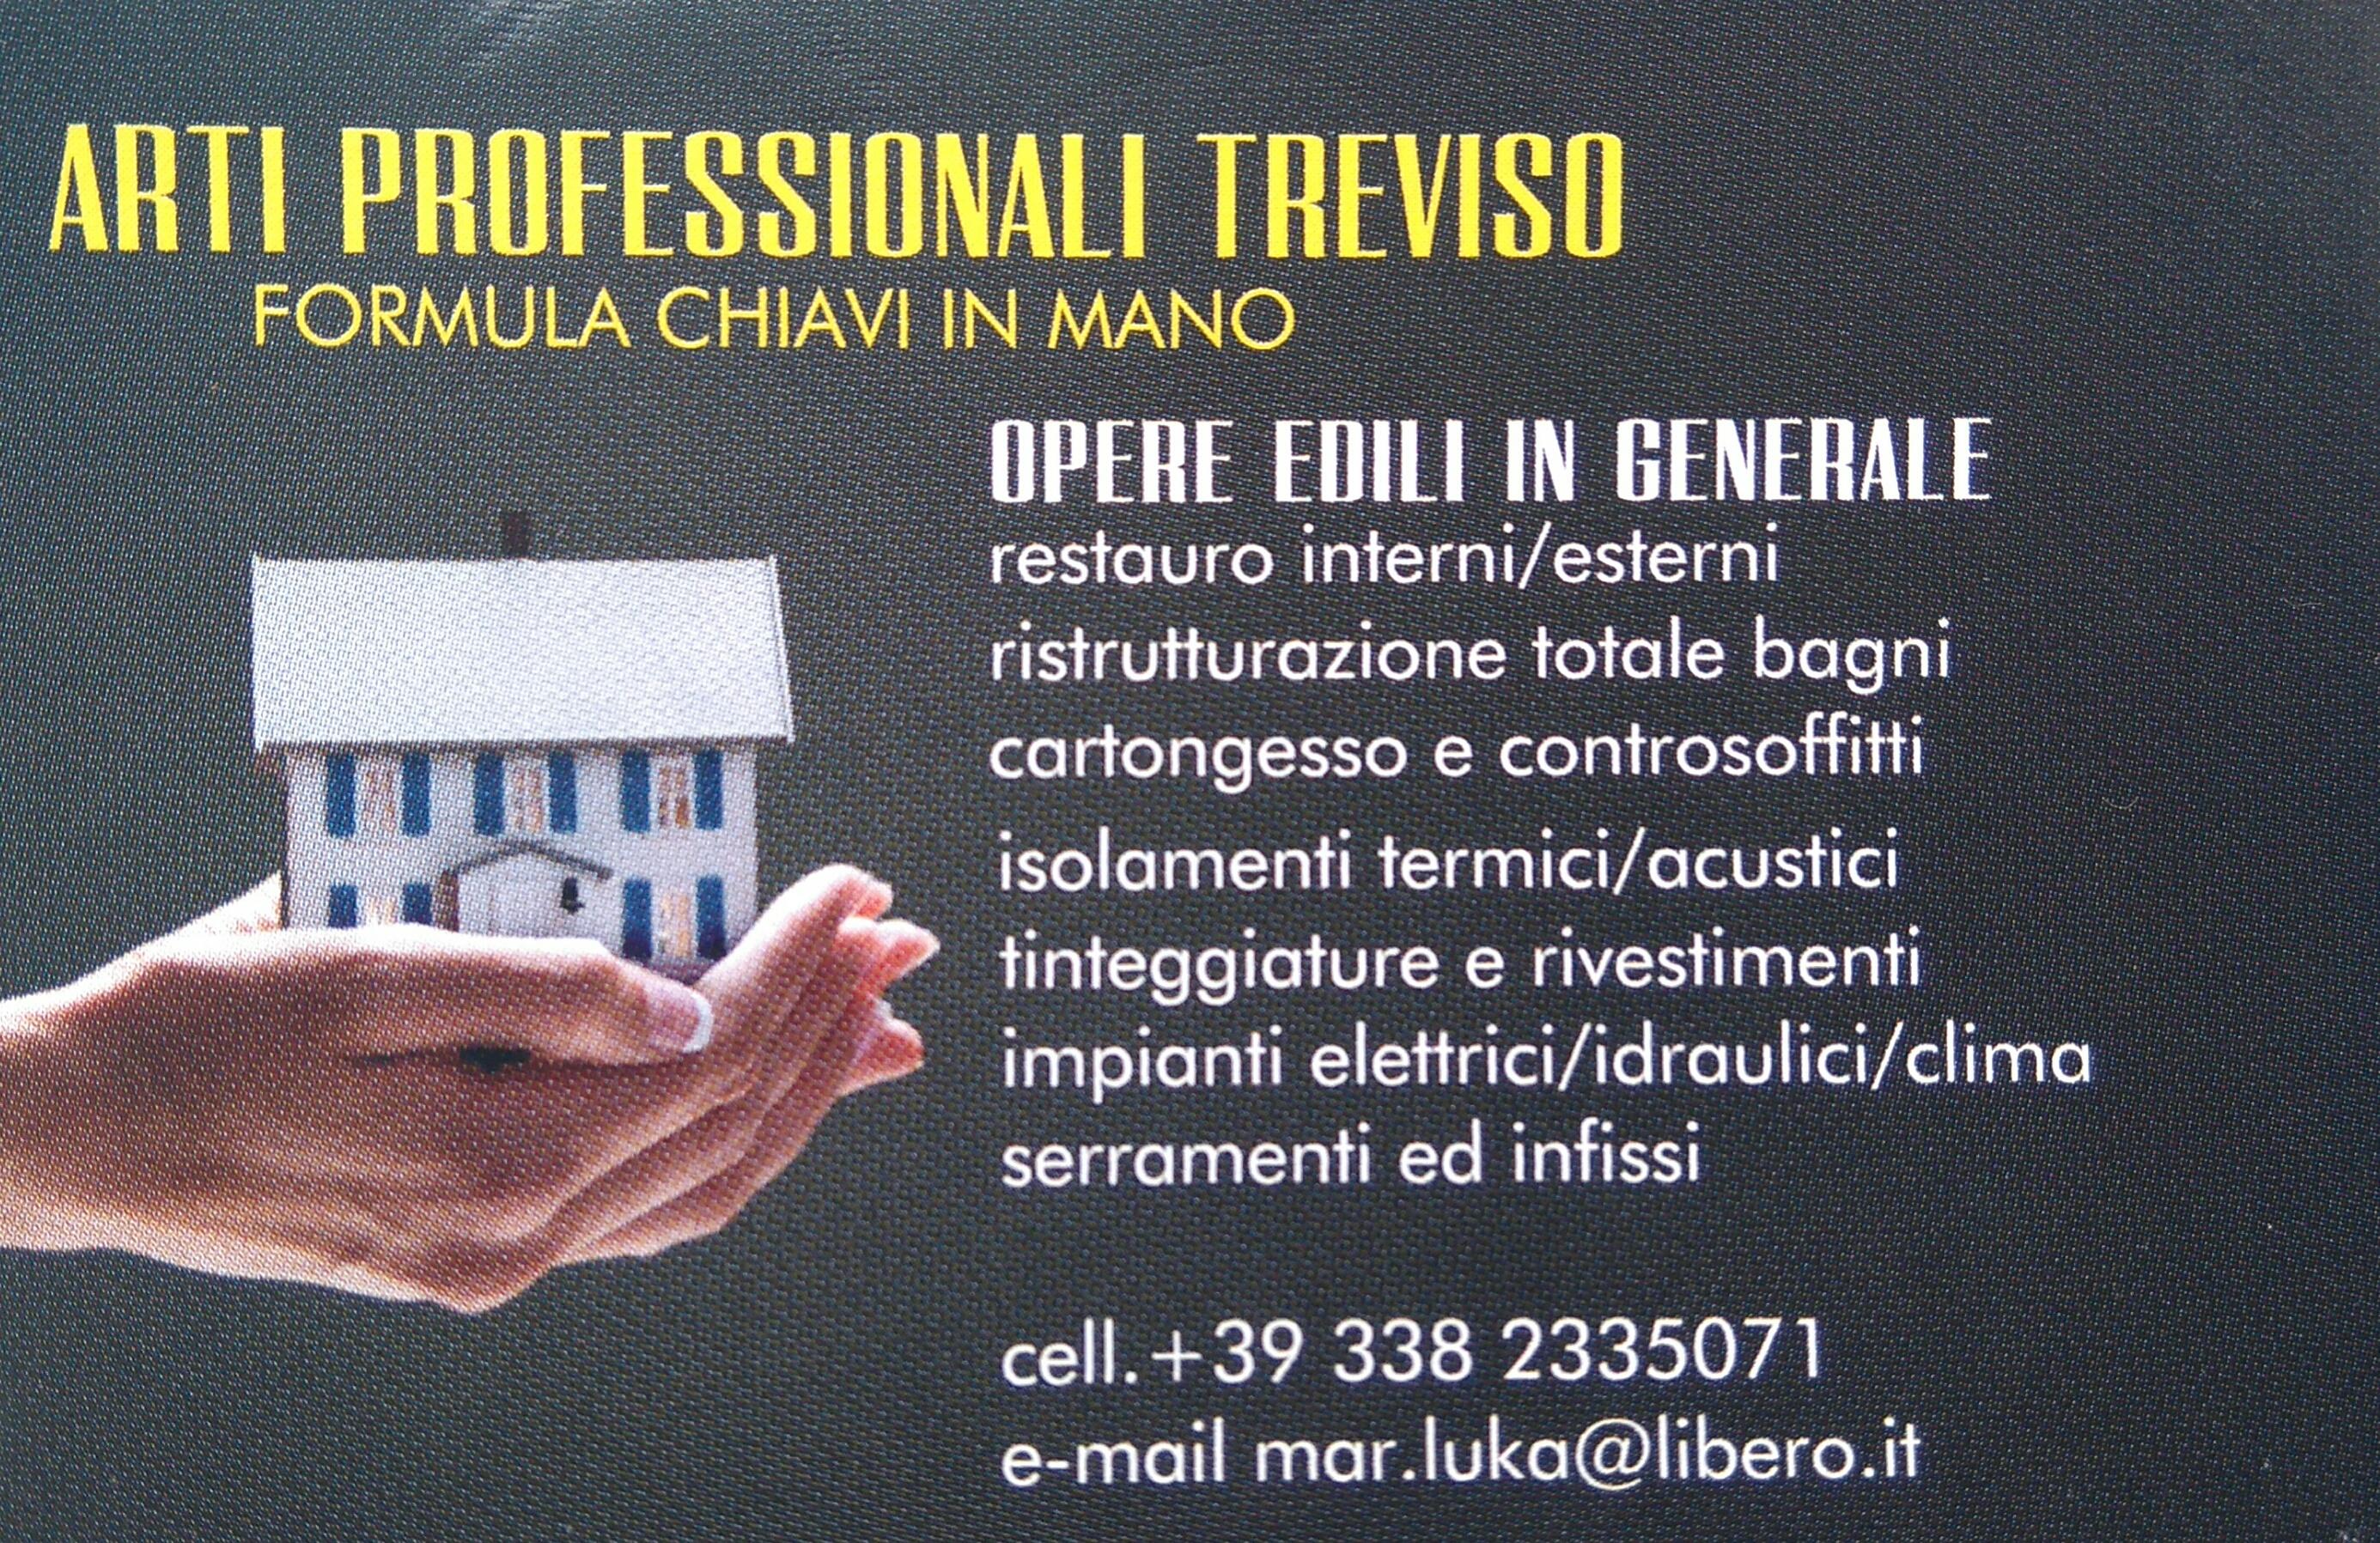 Arti Professionali Treviso